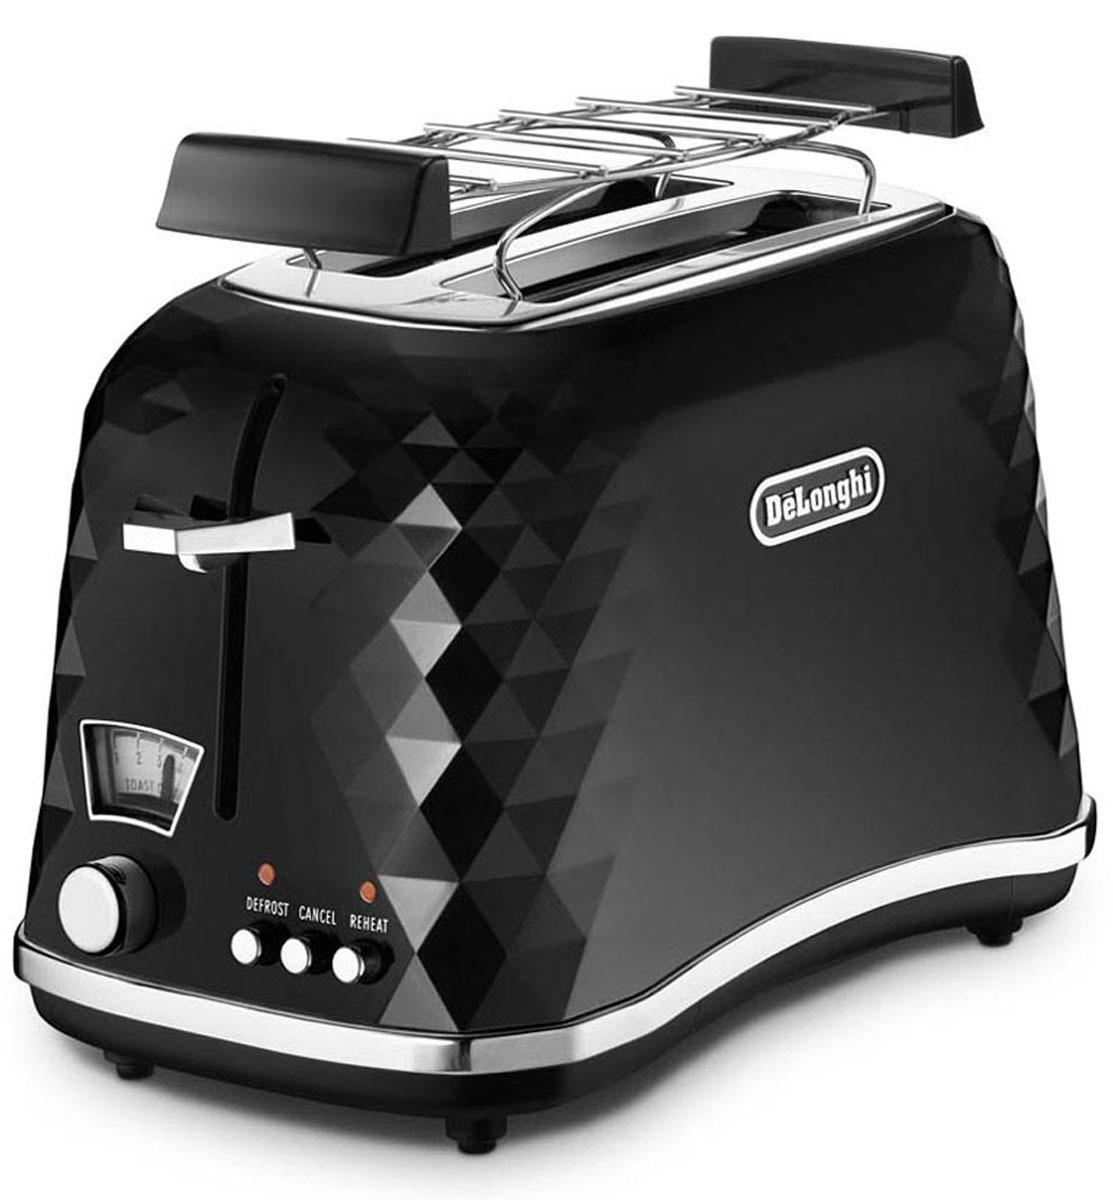 DeLonghi Brillante CTJ2103.BK, Black тостер0176129039Тостер DeLonghi Brillante CTJ2103 идеально подходит для поджаривания хлеба на завтрак или на закуску. Экстра подъем упрощает извлечение маленьких кусочков хлеба. Поддон для крошек является съемным, что облегчает чистку тостера. Решетка для подогрева булочек и круасанов в комплекте.